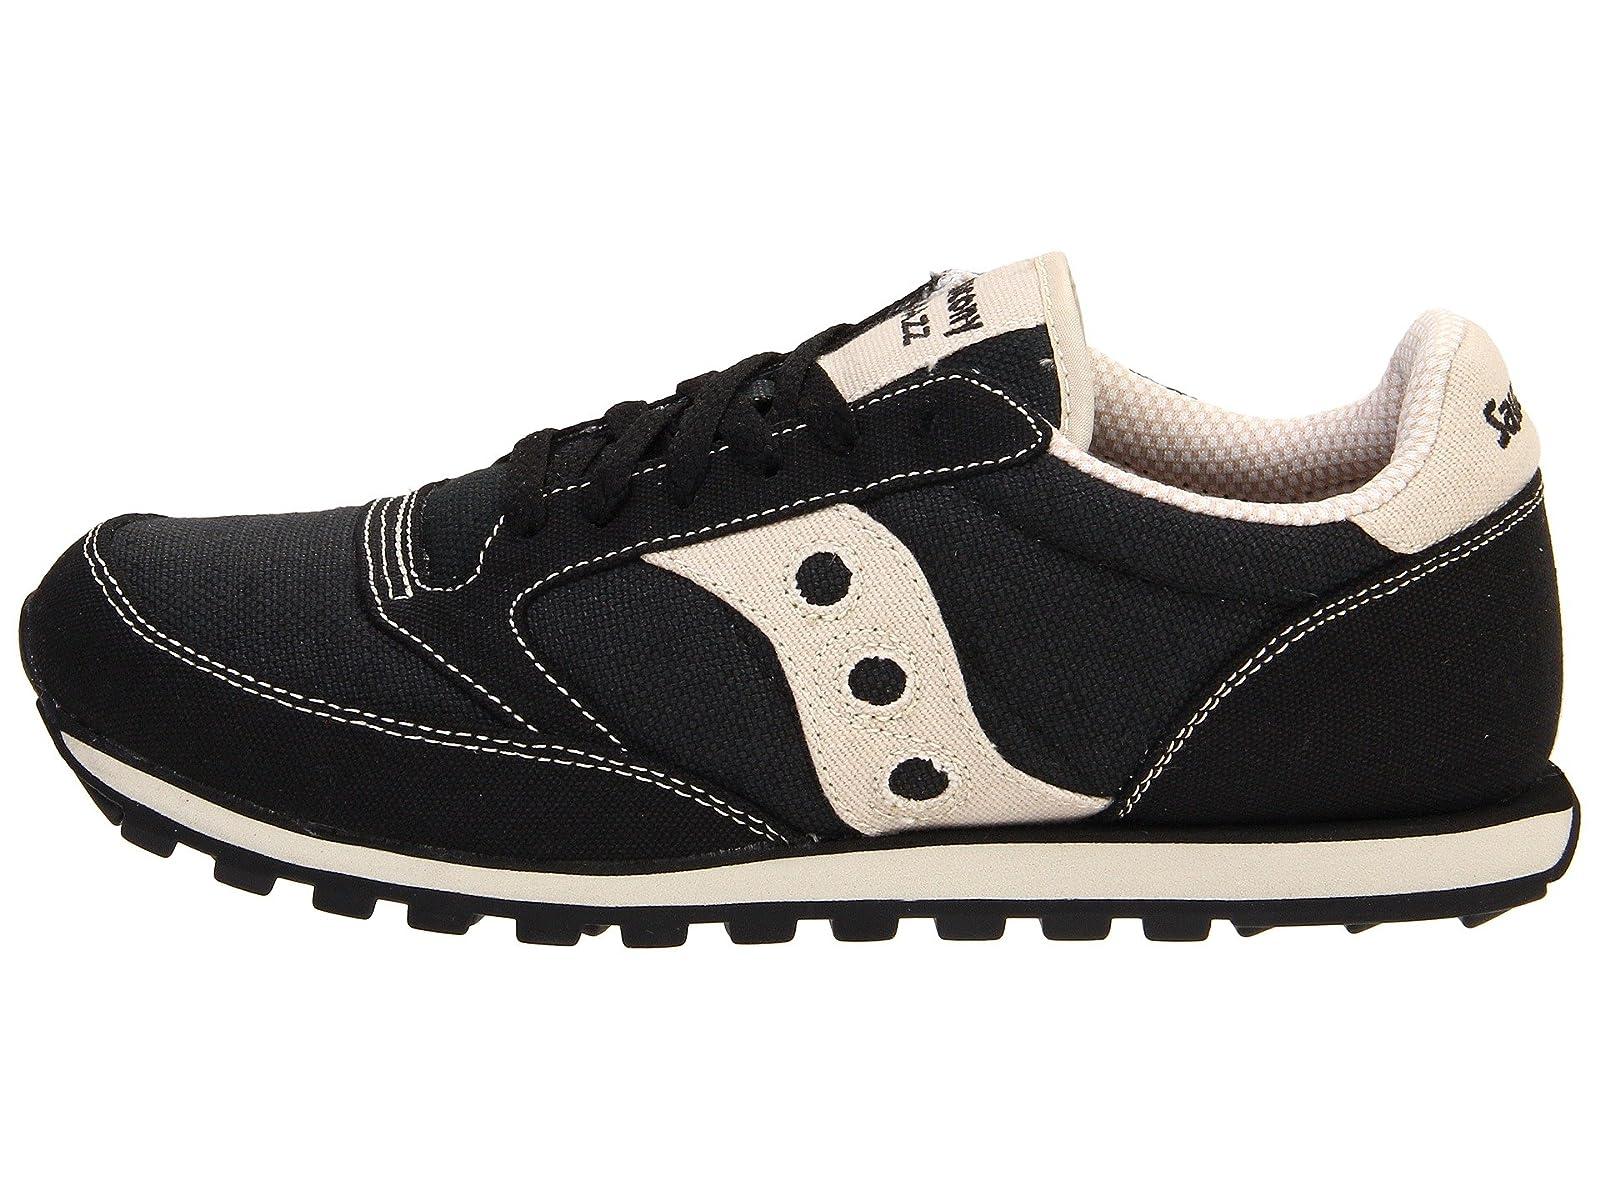 Saucony Originals Men's Jazz Low Pro Vegan GreyRed Sneaker 9M 720026254712 | eBay